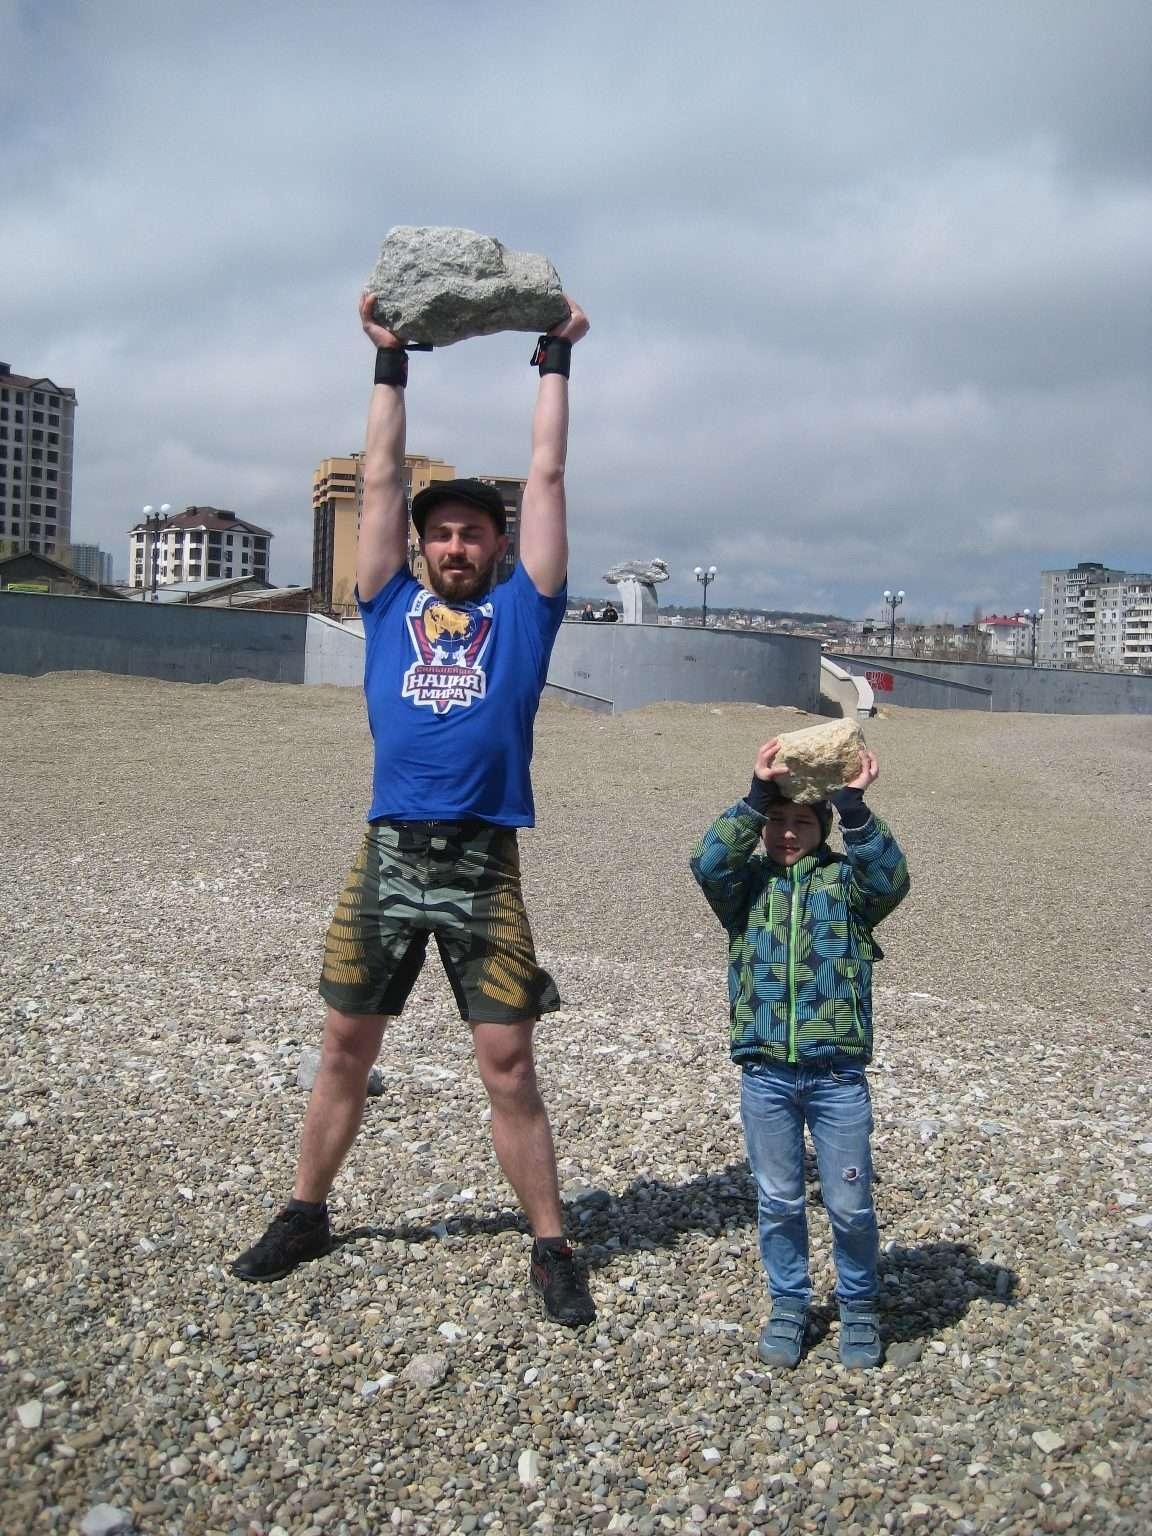 В Новороссийске силач Павел Приходько идет на рекорд